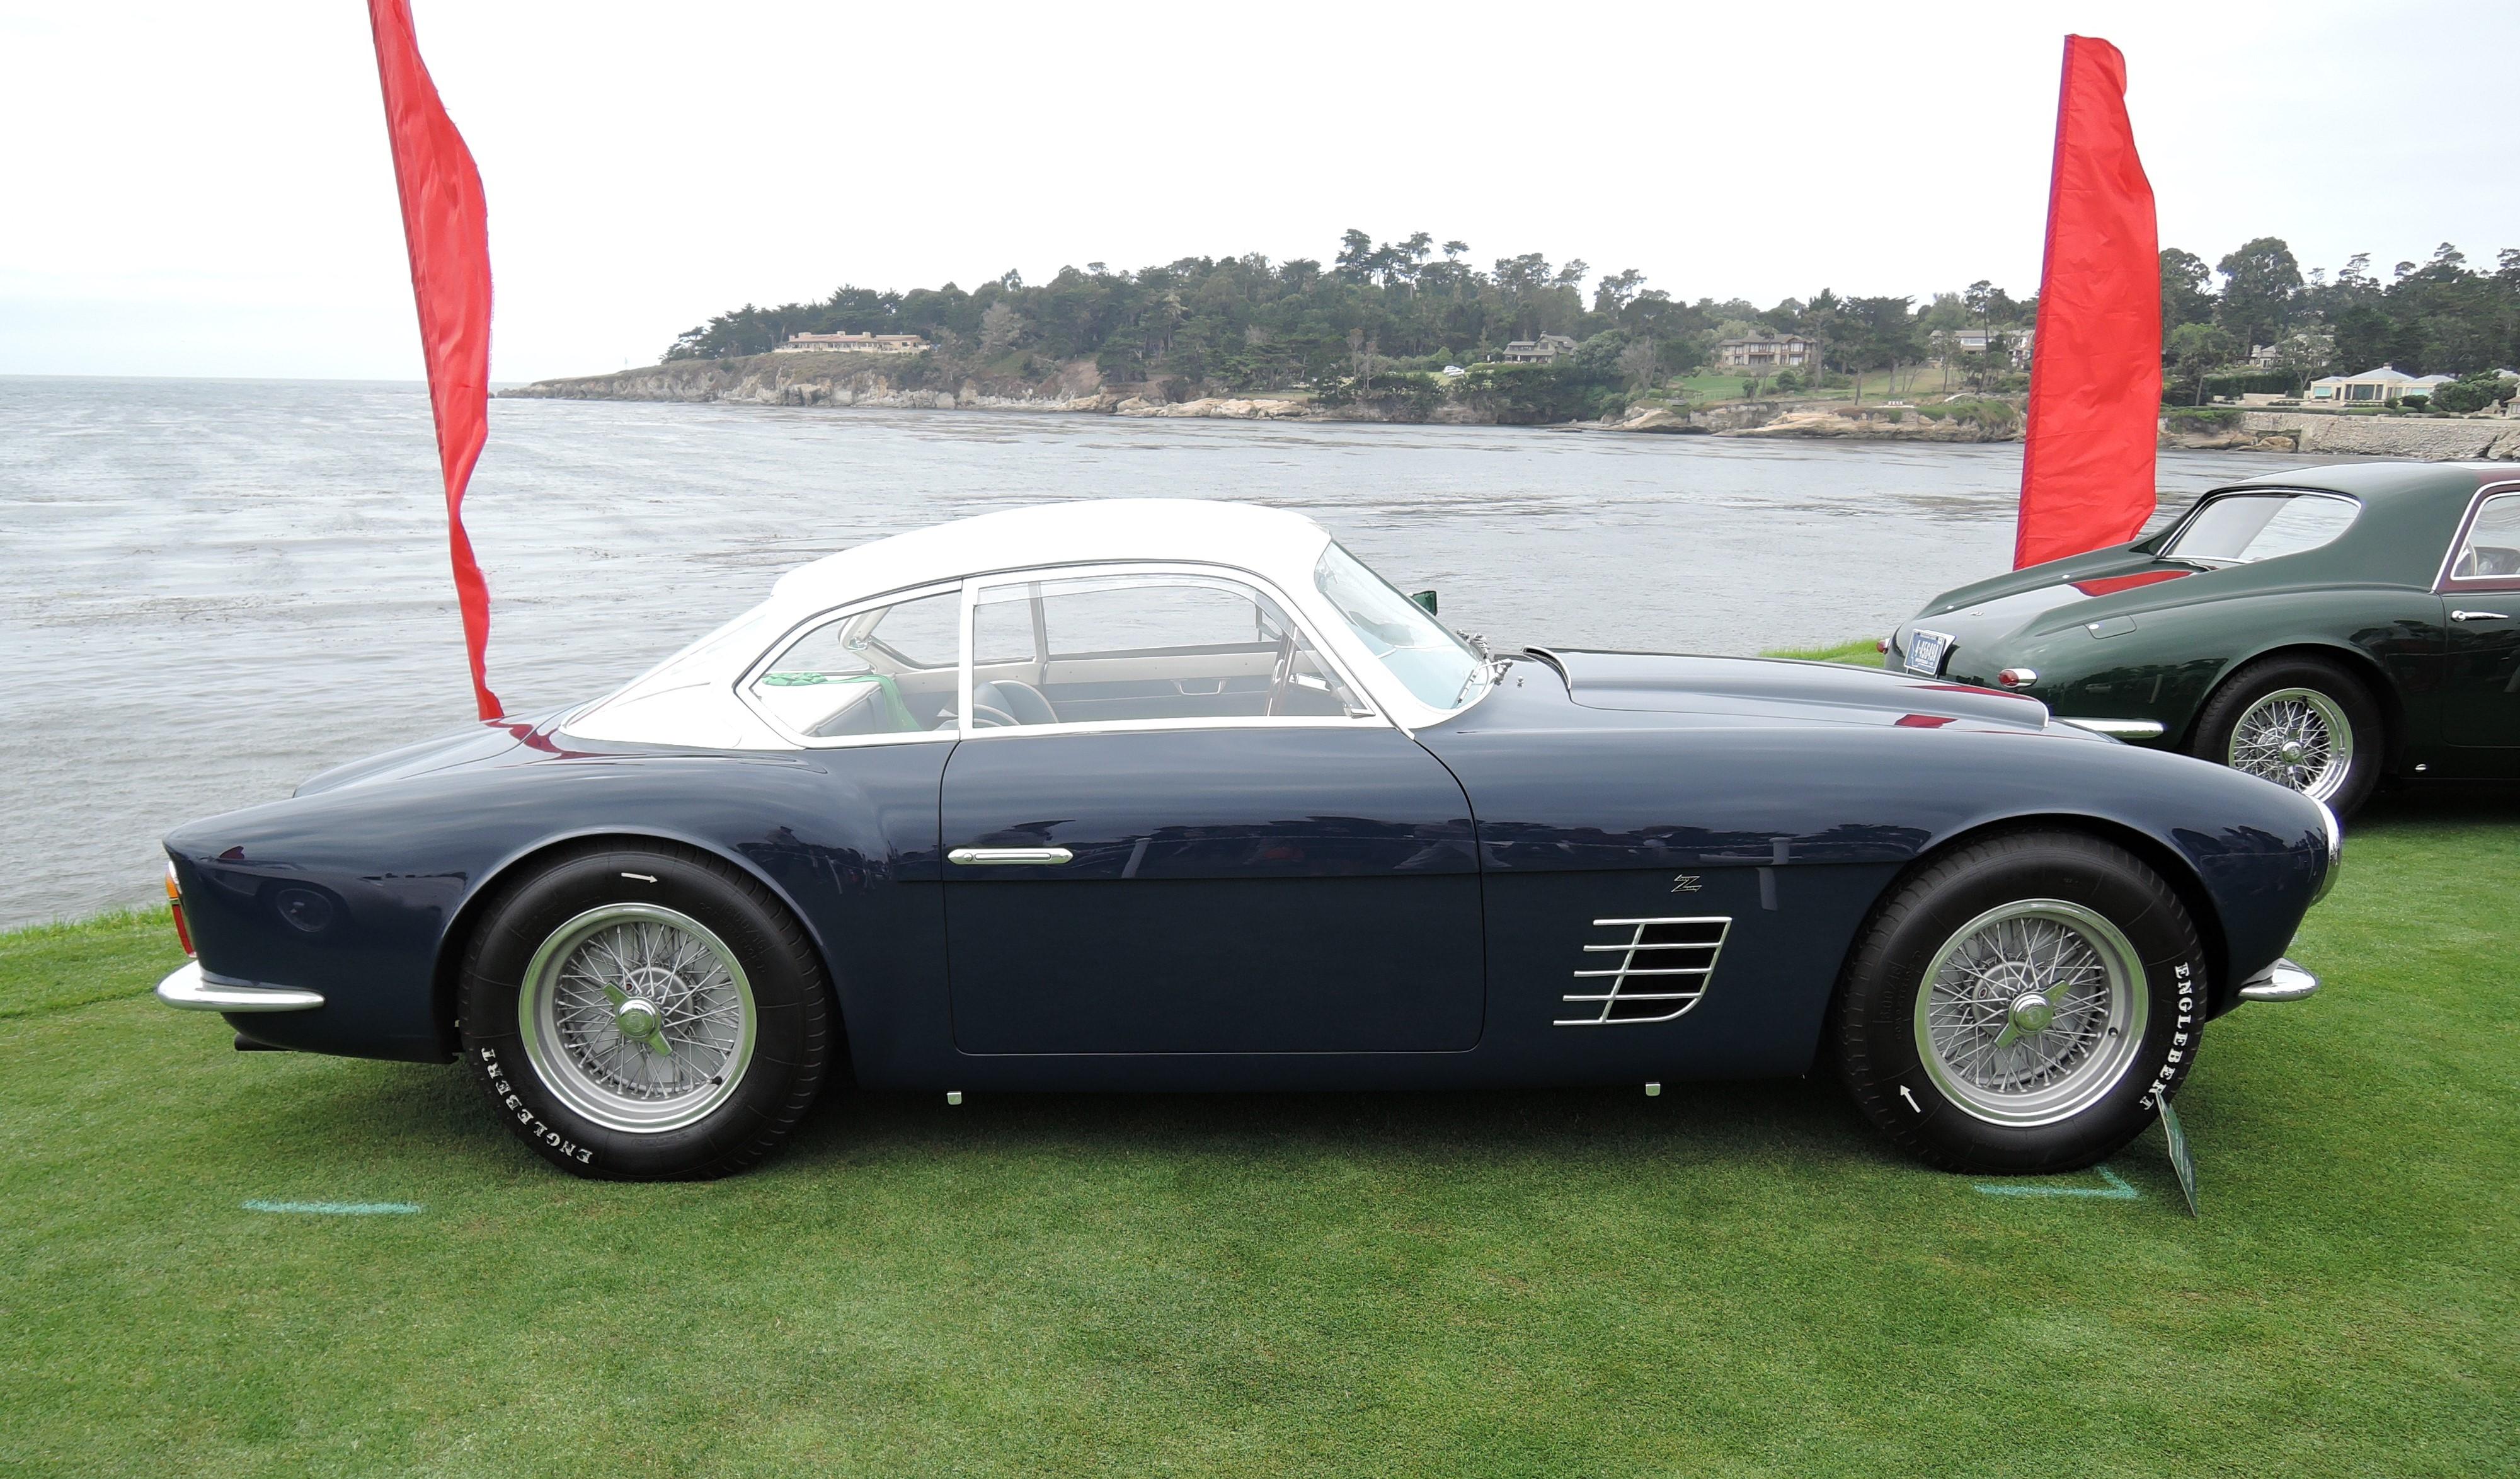 blue 1956 Ferrari 250 GT Zagato Berlinetta Speciale - Pebble Beach Concours d'Elegance 2017